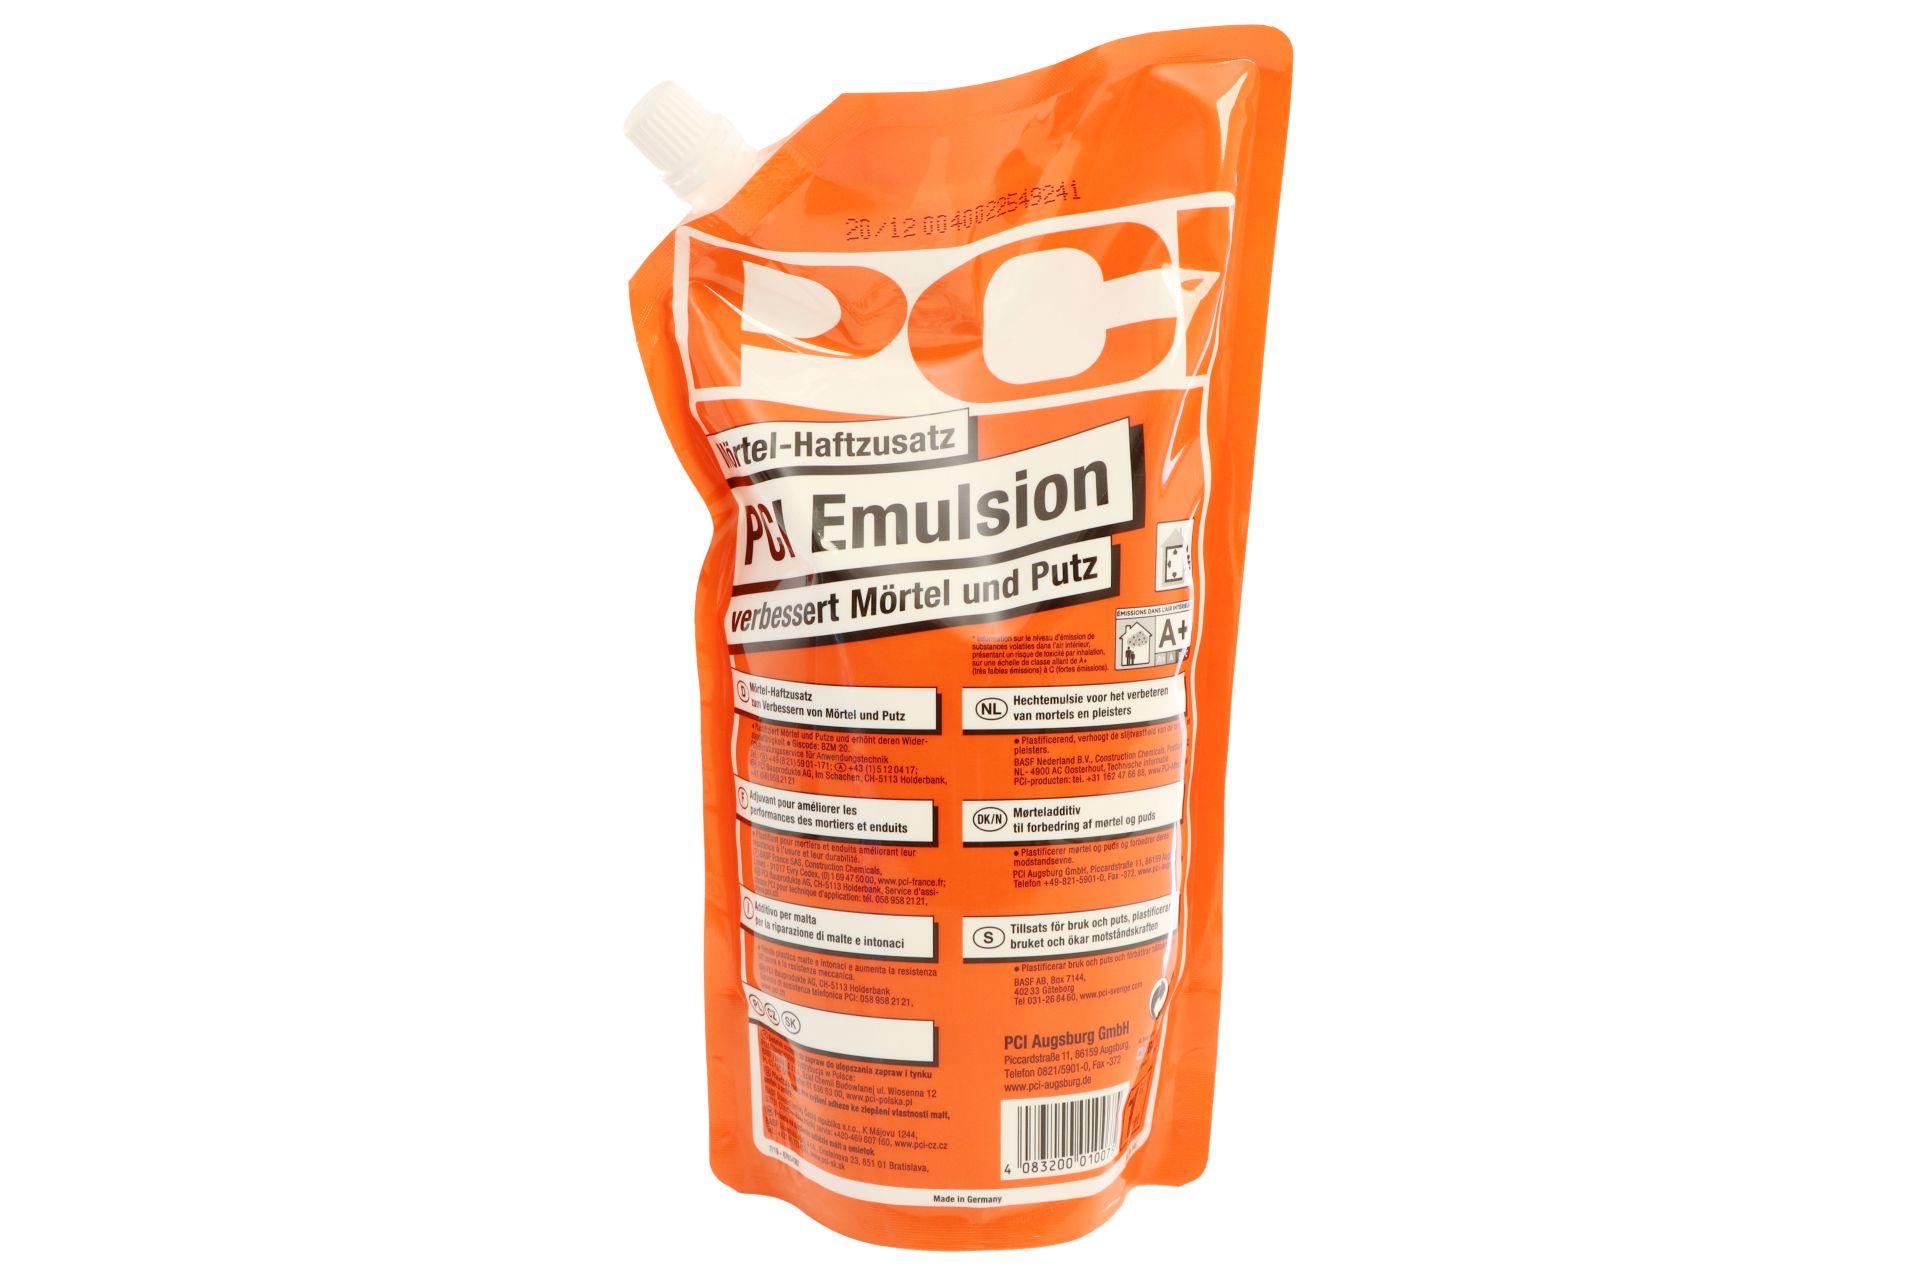 PCI Emulsion, Mörtel-Haftzusatz, verbessert Mörtel und Putz, 1 l